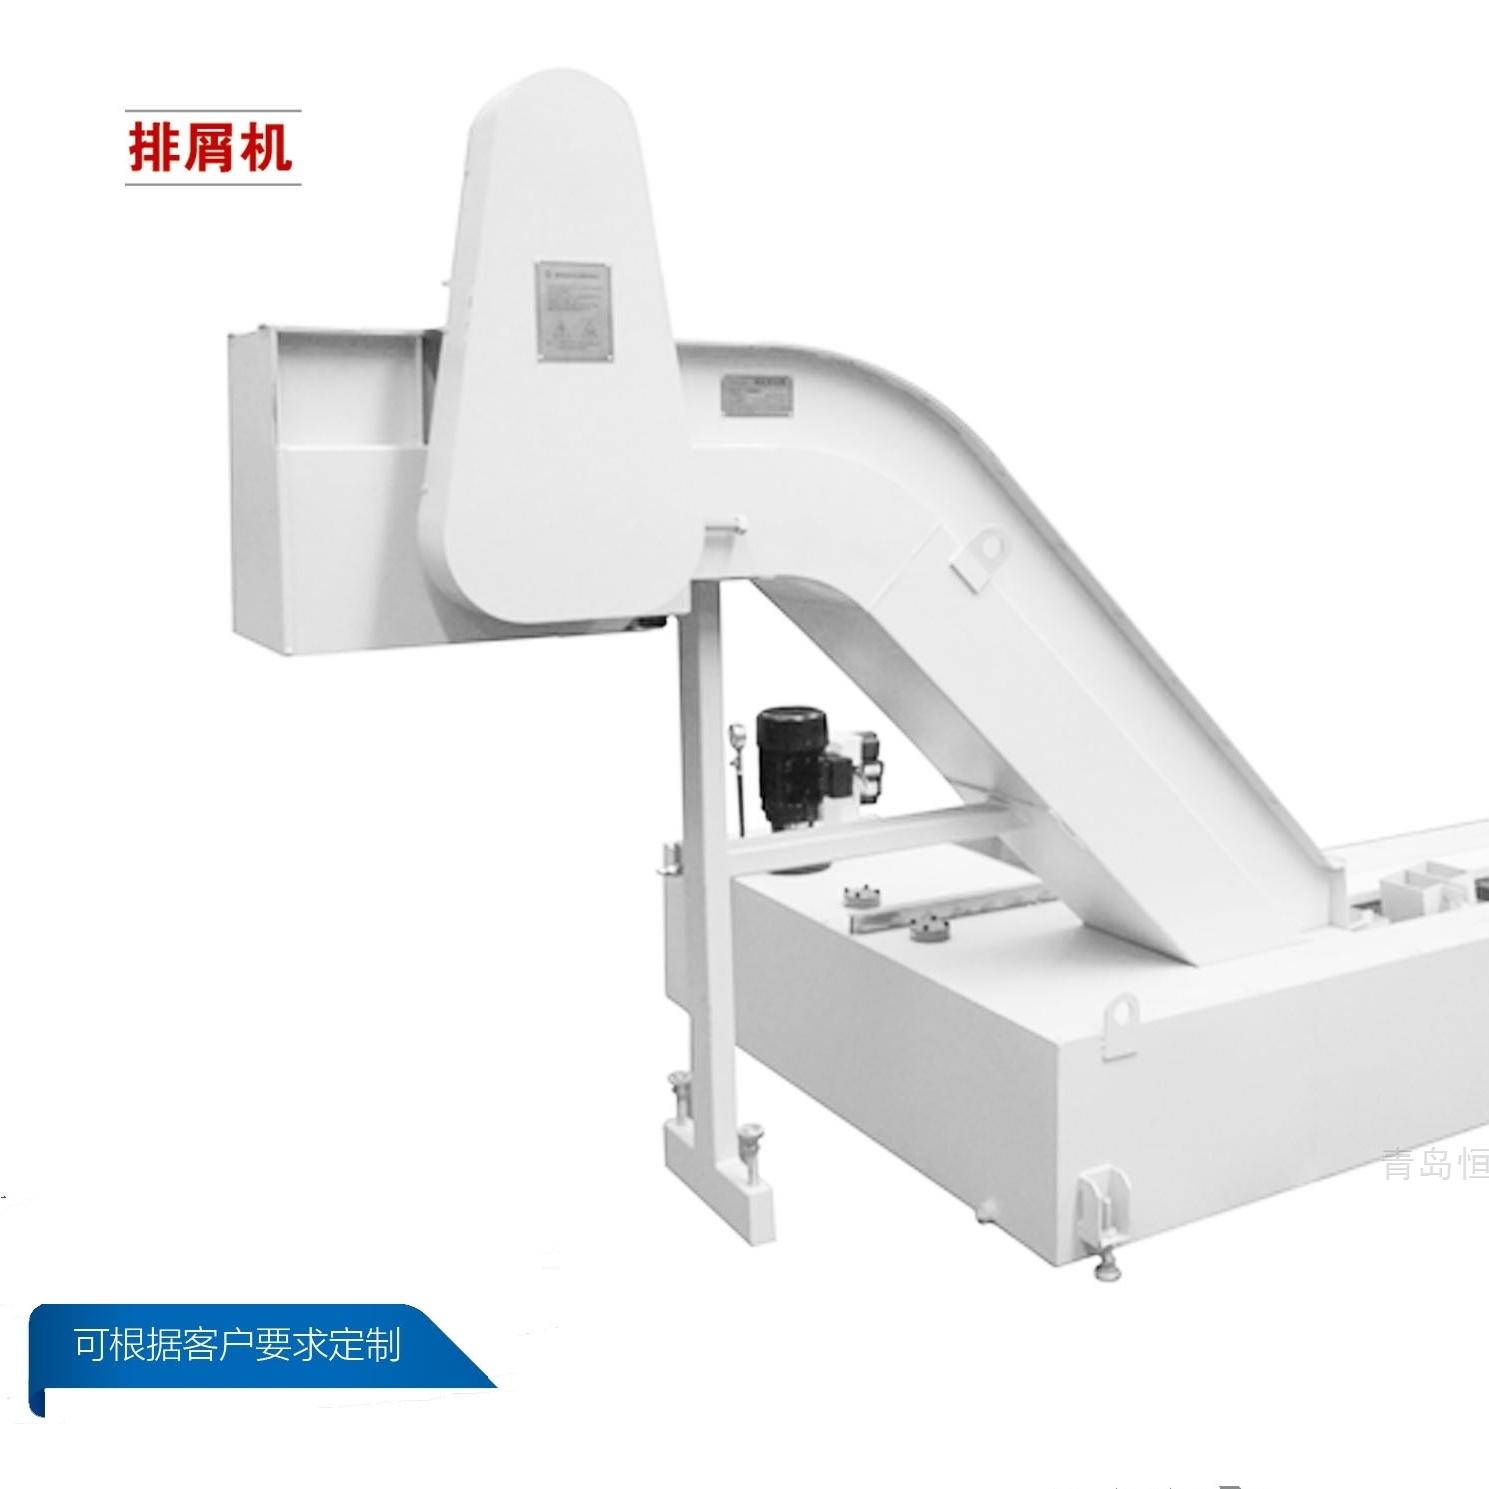 恒益盛泰定做CMV920立式加工中心排屑机